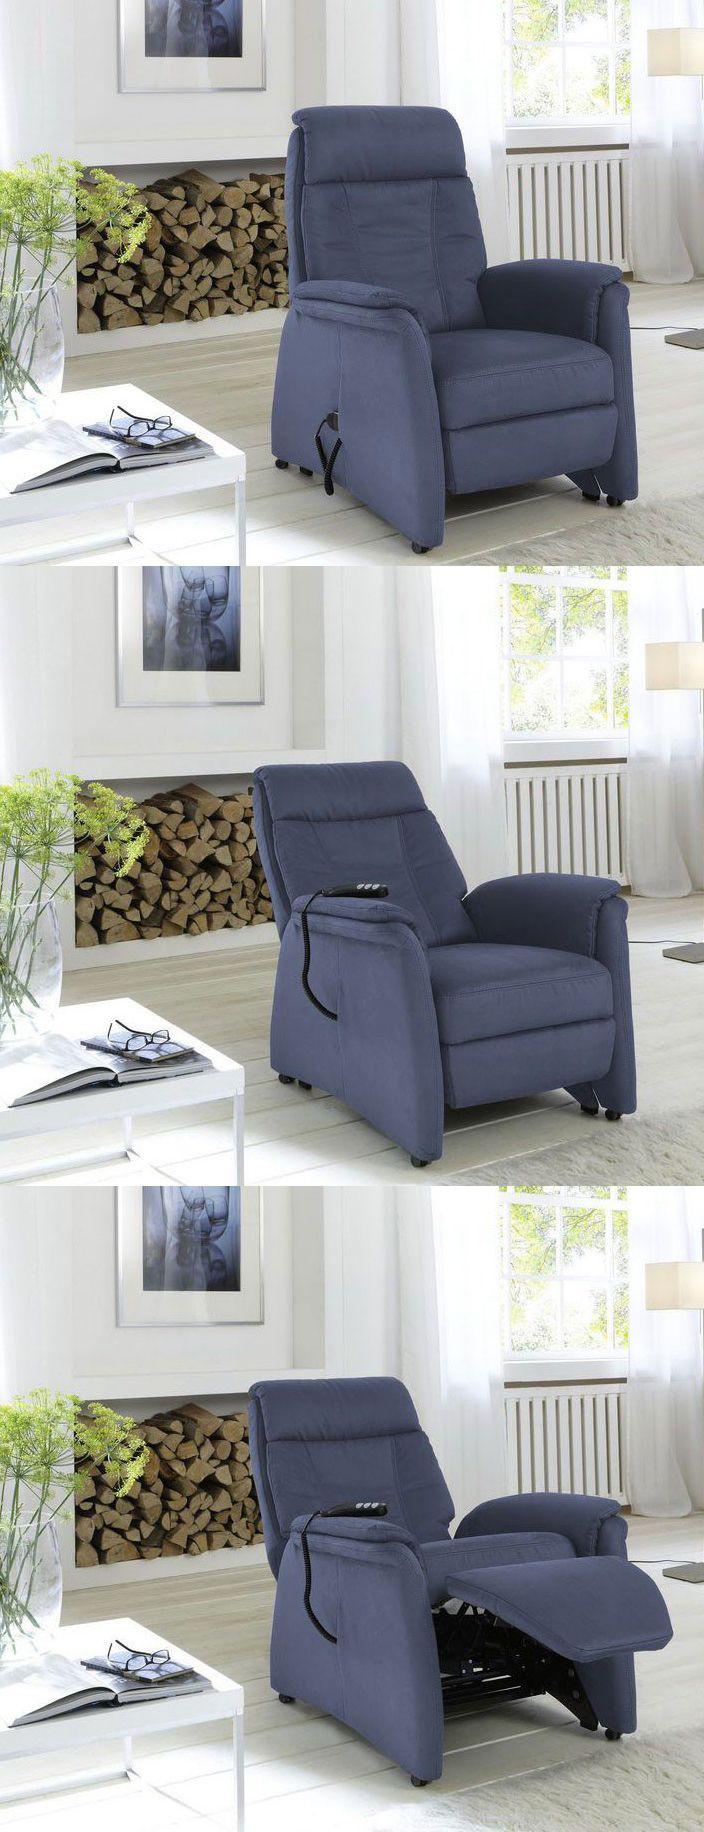 Blauer Relaxsessel Cosy Line Du Brauchst Mal Wieder Ein Stündchen